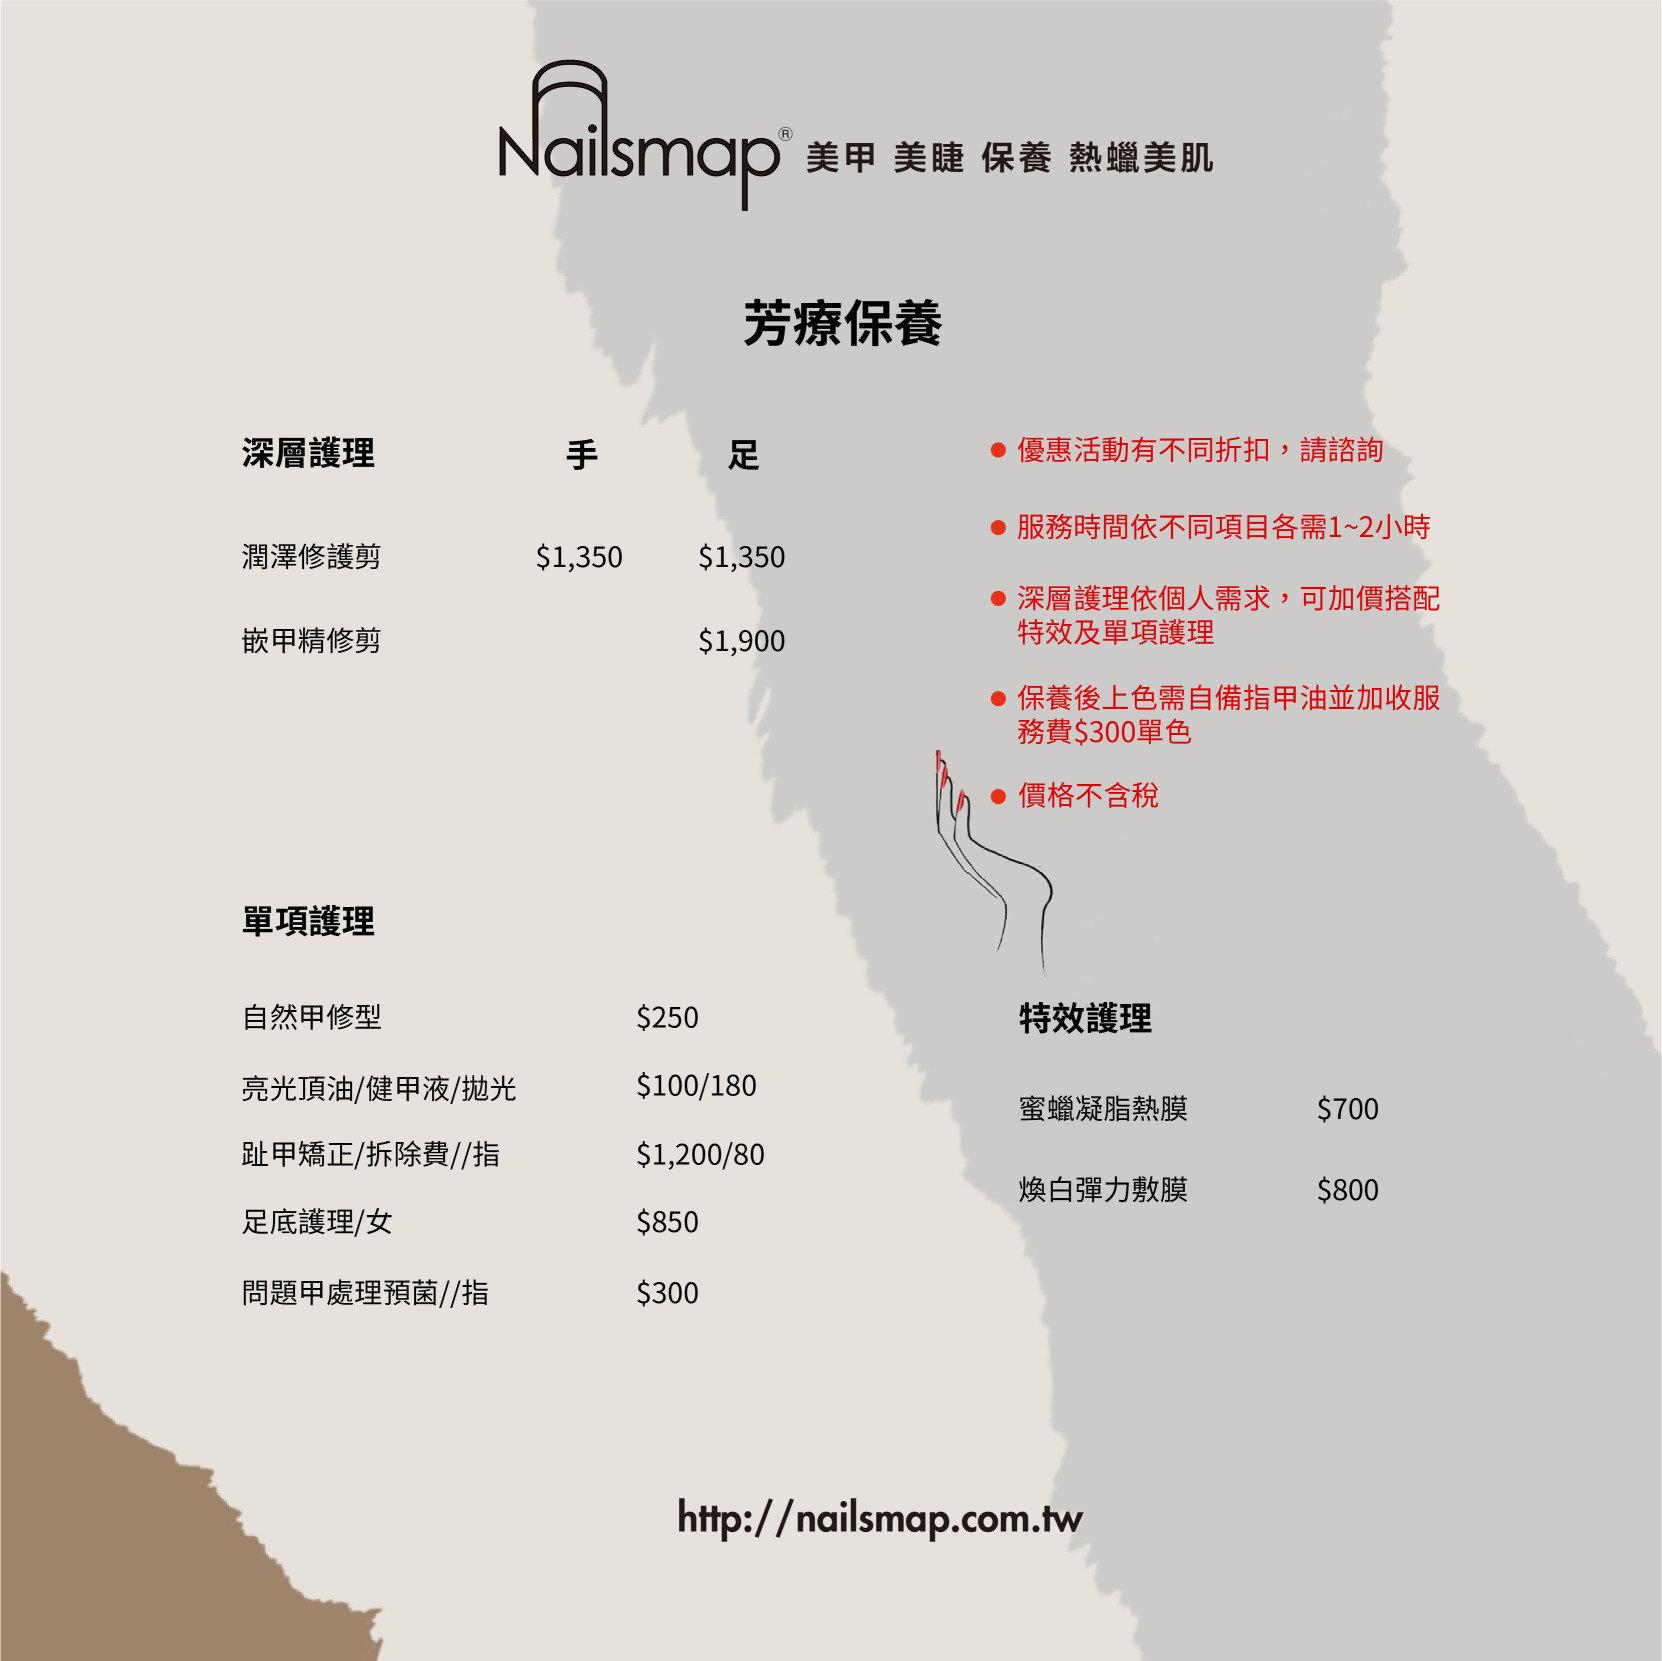 芳療保養價目表